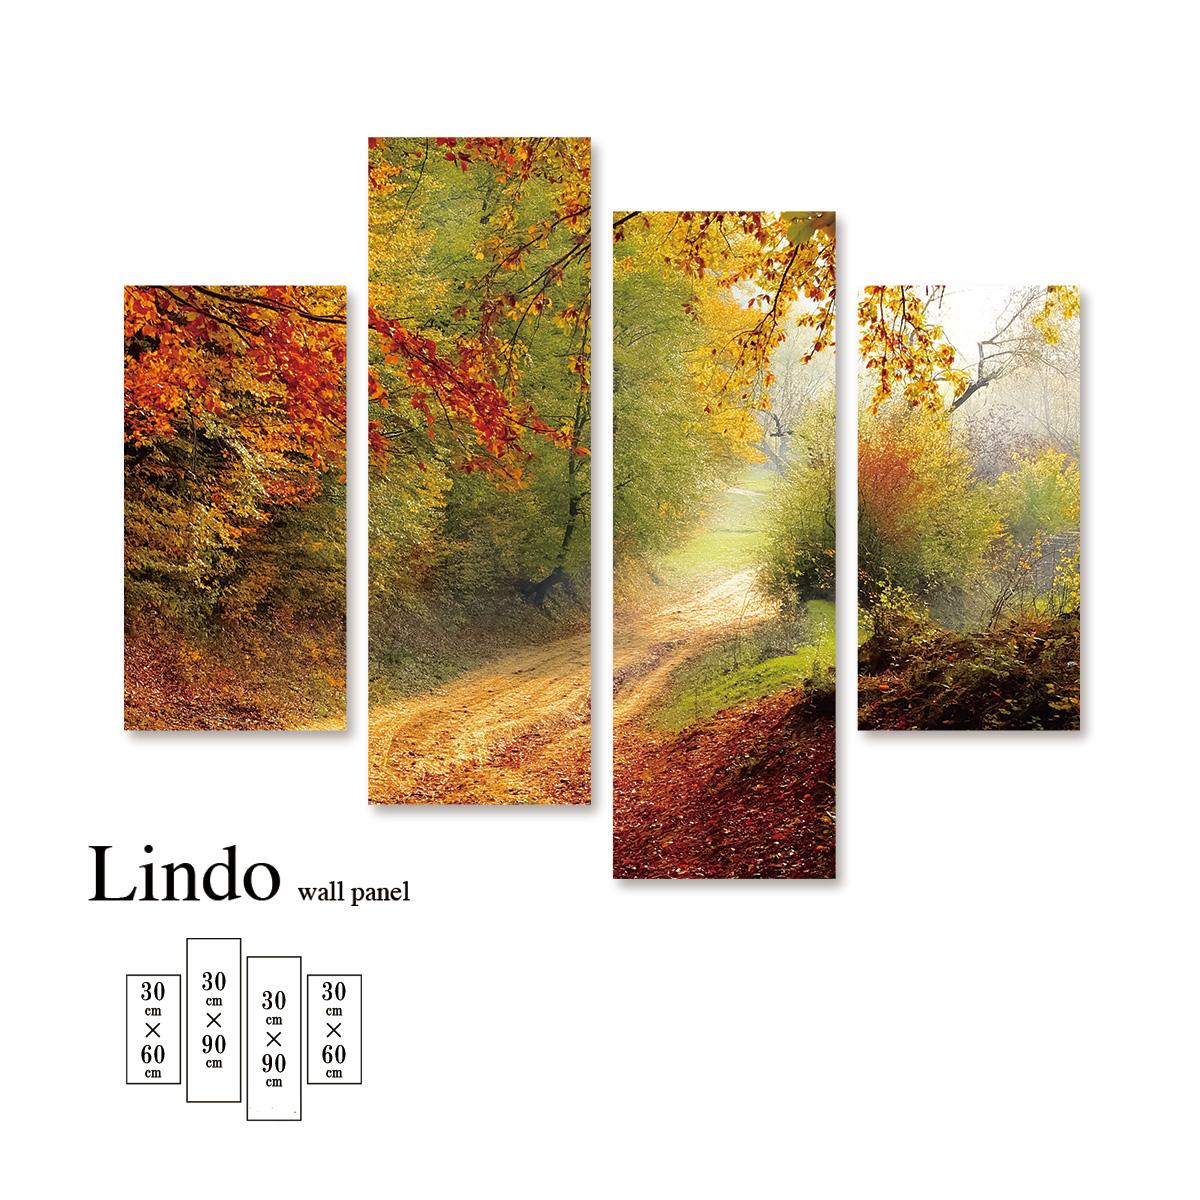 ファブリックパネル 紅葉 自然 和風 モダン 葉っぱ 森 秋 森林 グリーン 壁掛け 北欧 お洒落 デザイン アート 壁飾り アートボード 4枚パネル